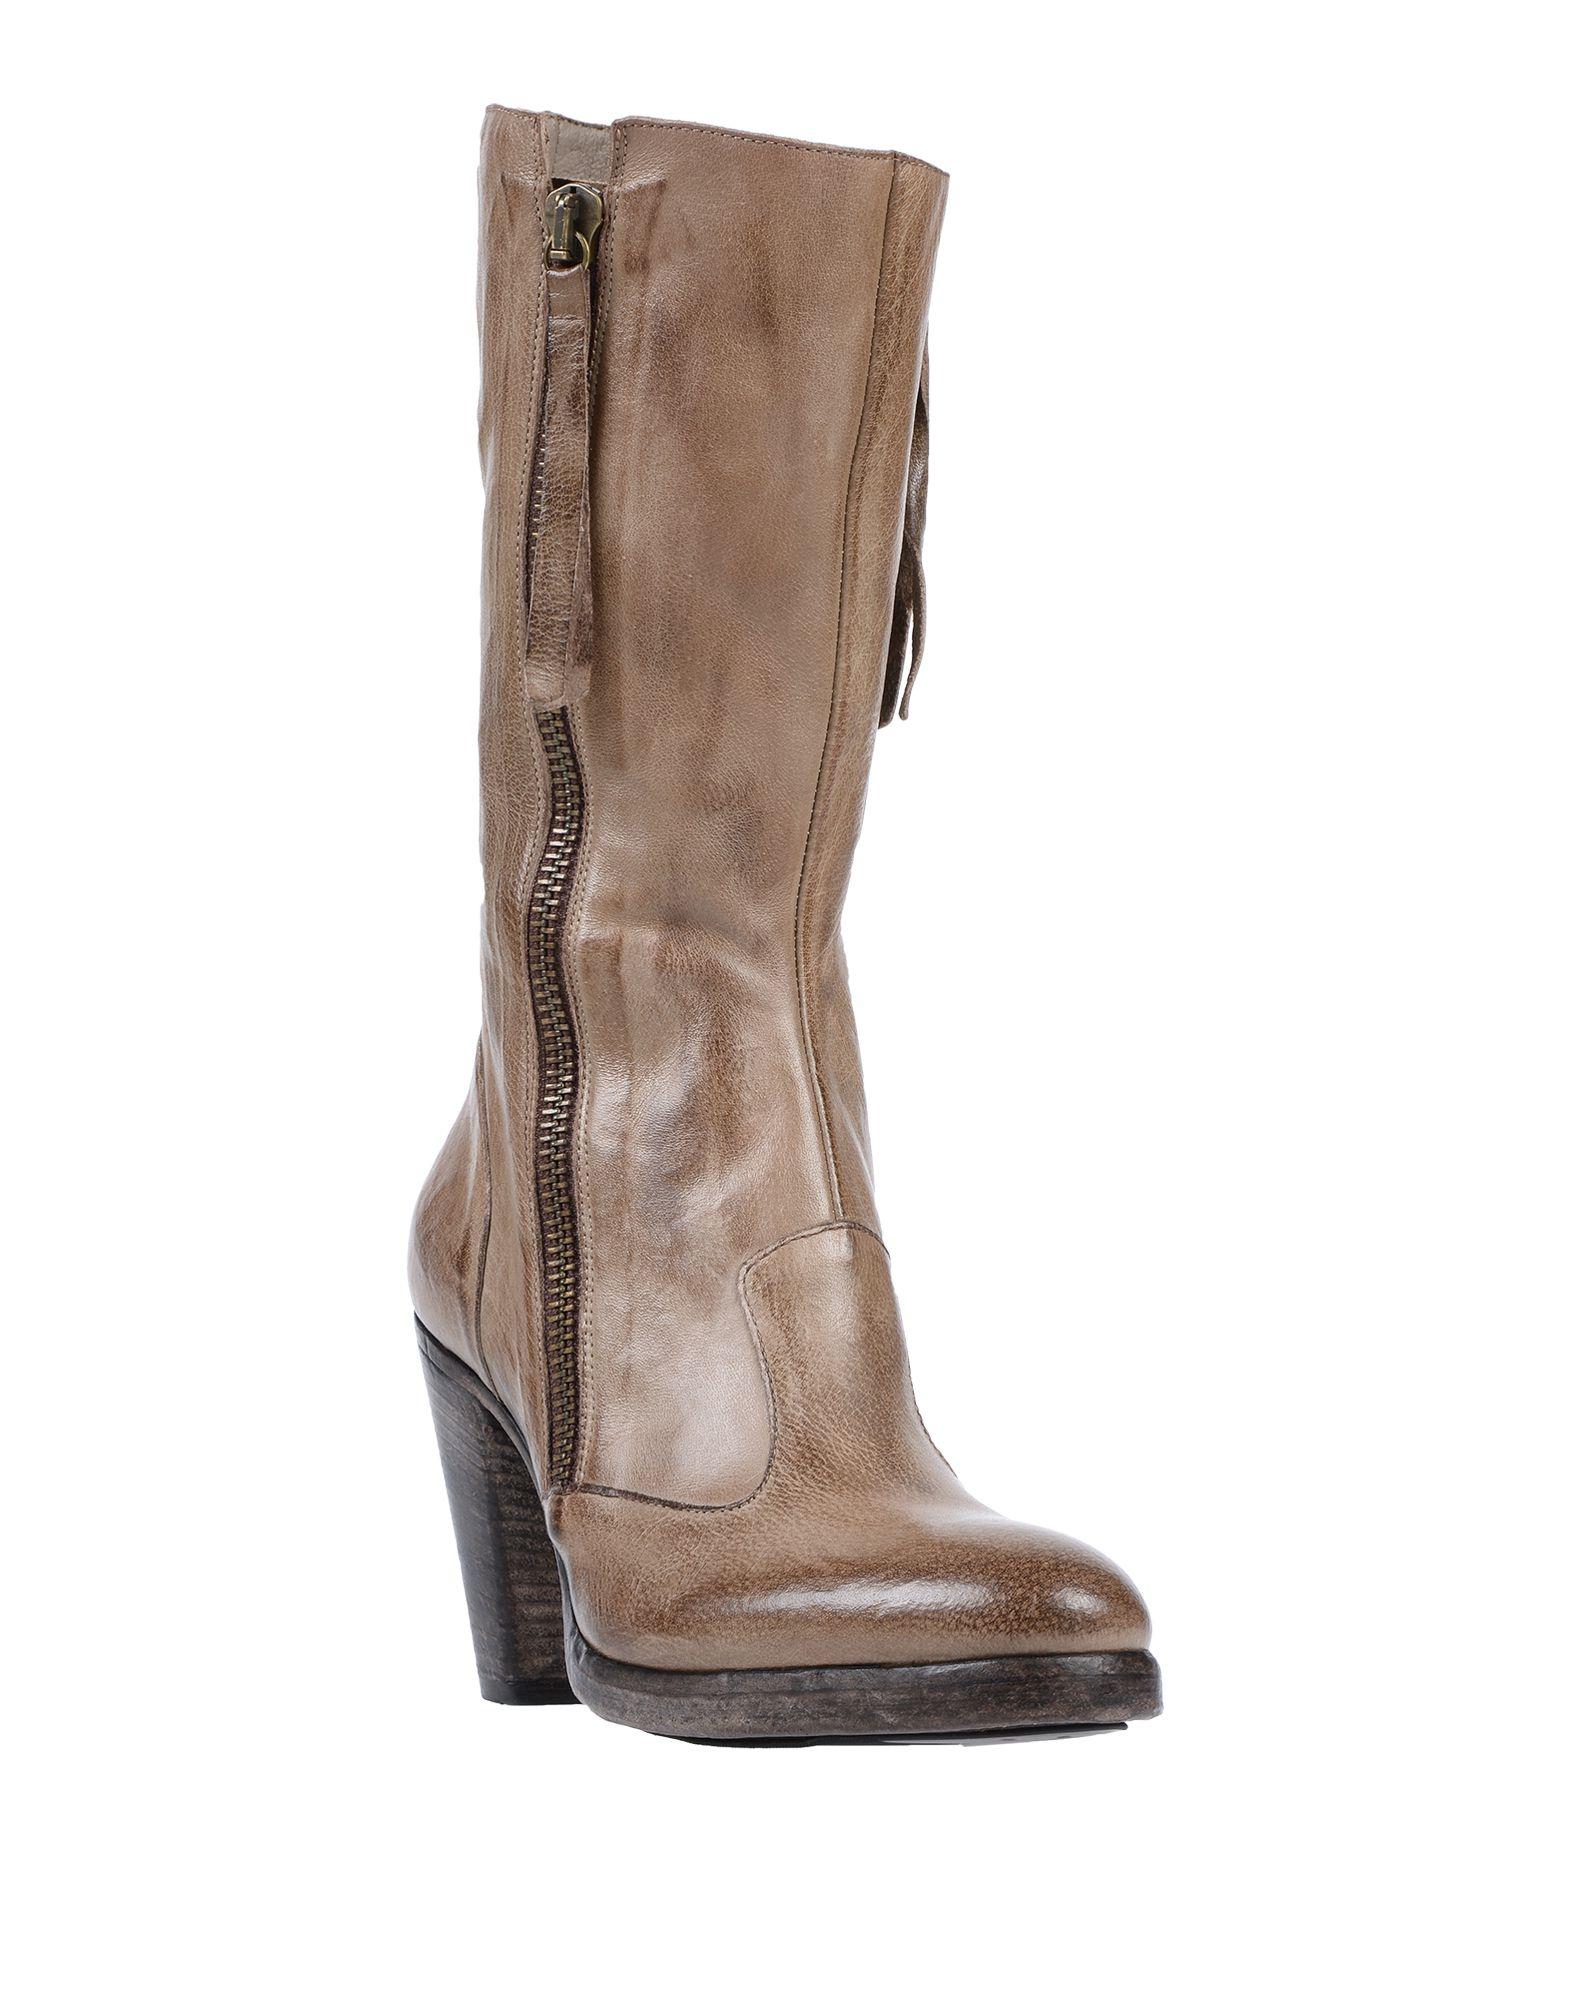 Corvari strapazierfähige Stiefel Damen 11547570XJGut aussehende strapazierfähige Corvari Schuhe 4ce9a3